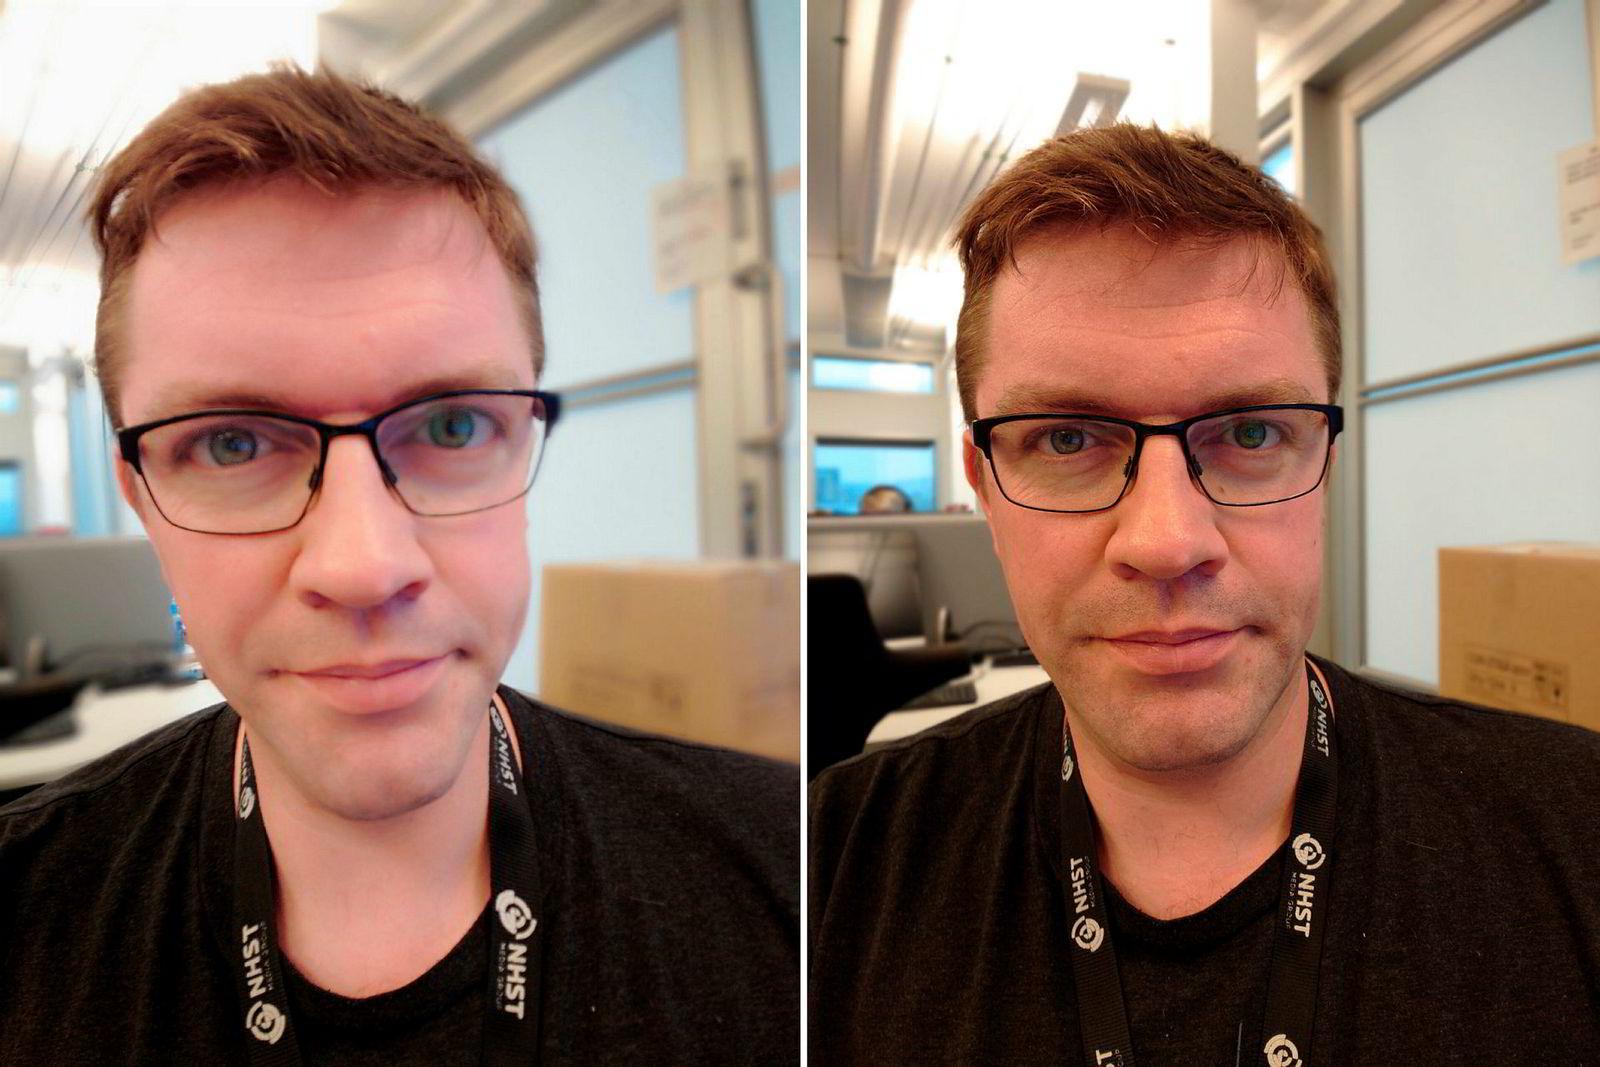 Xperia XZ3 har en egen selfie-modus med skjønnhetsfiltre. Slik går det når man setter alle filtrene på maks. Begge bilder er Xperia XZ3.